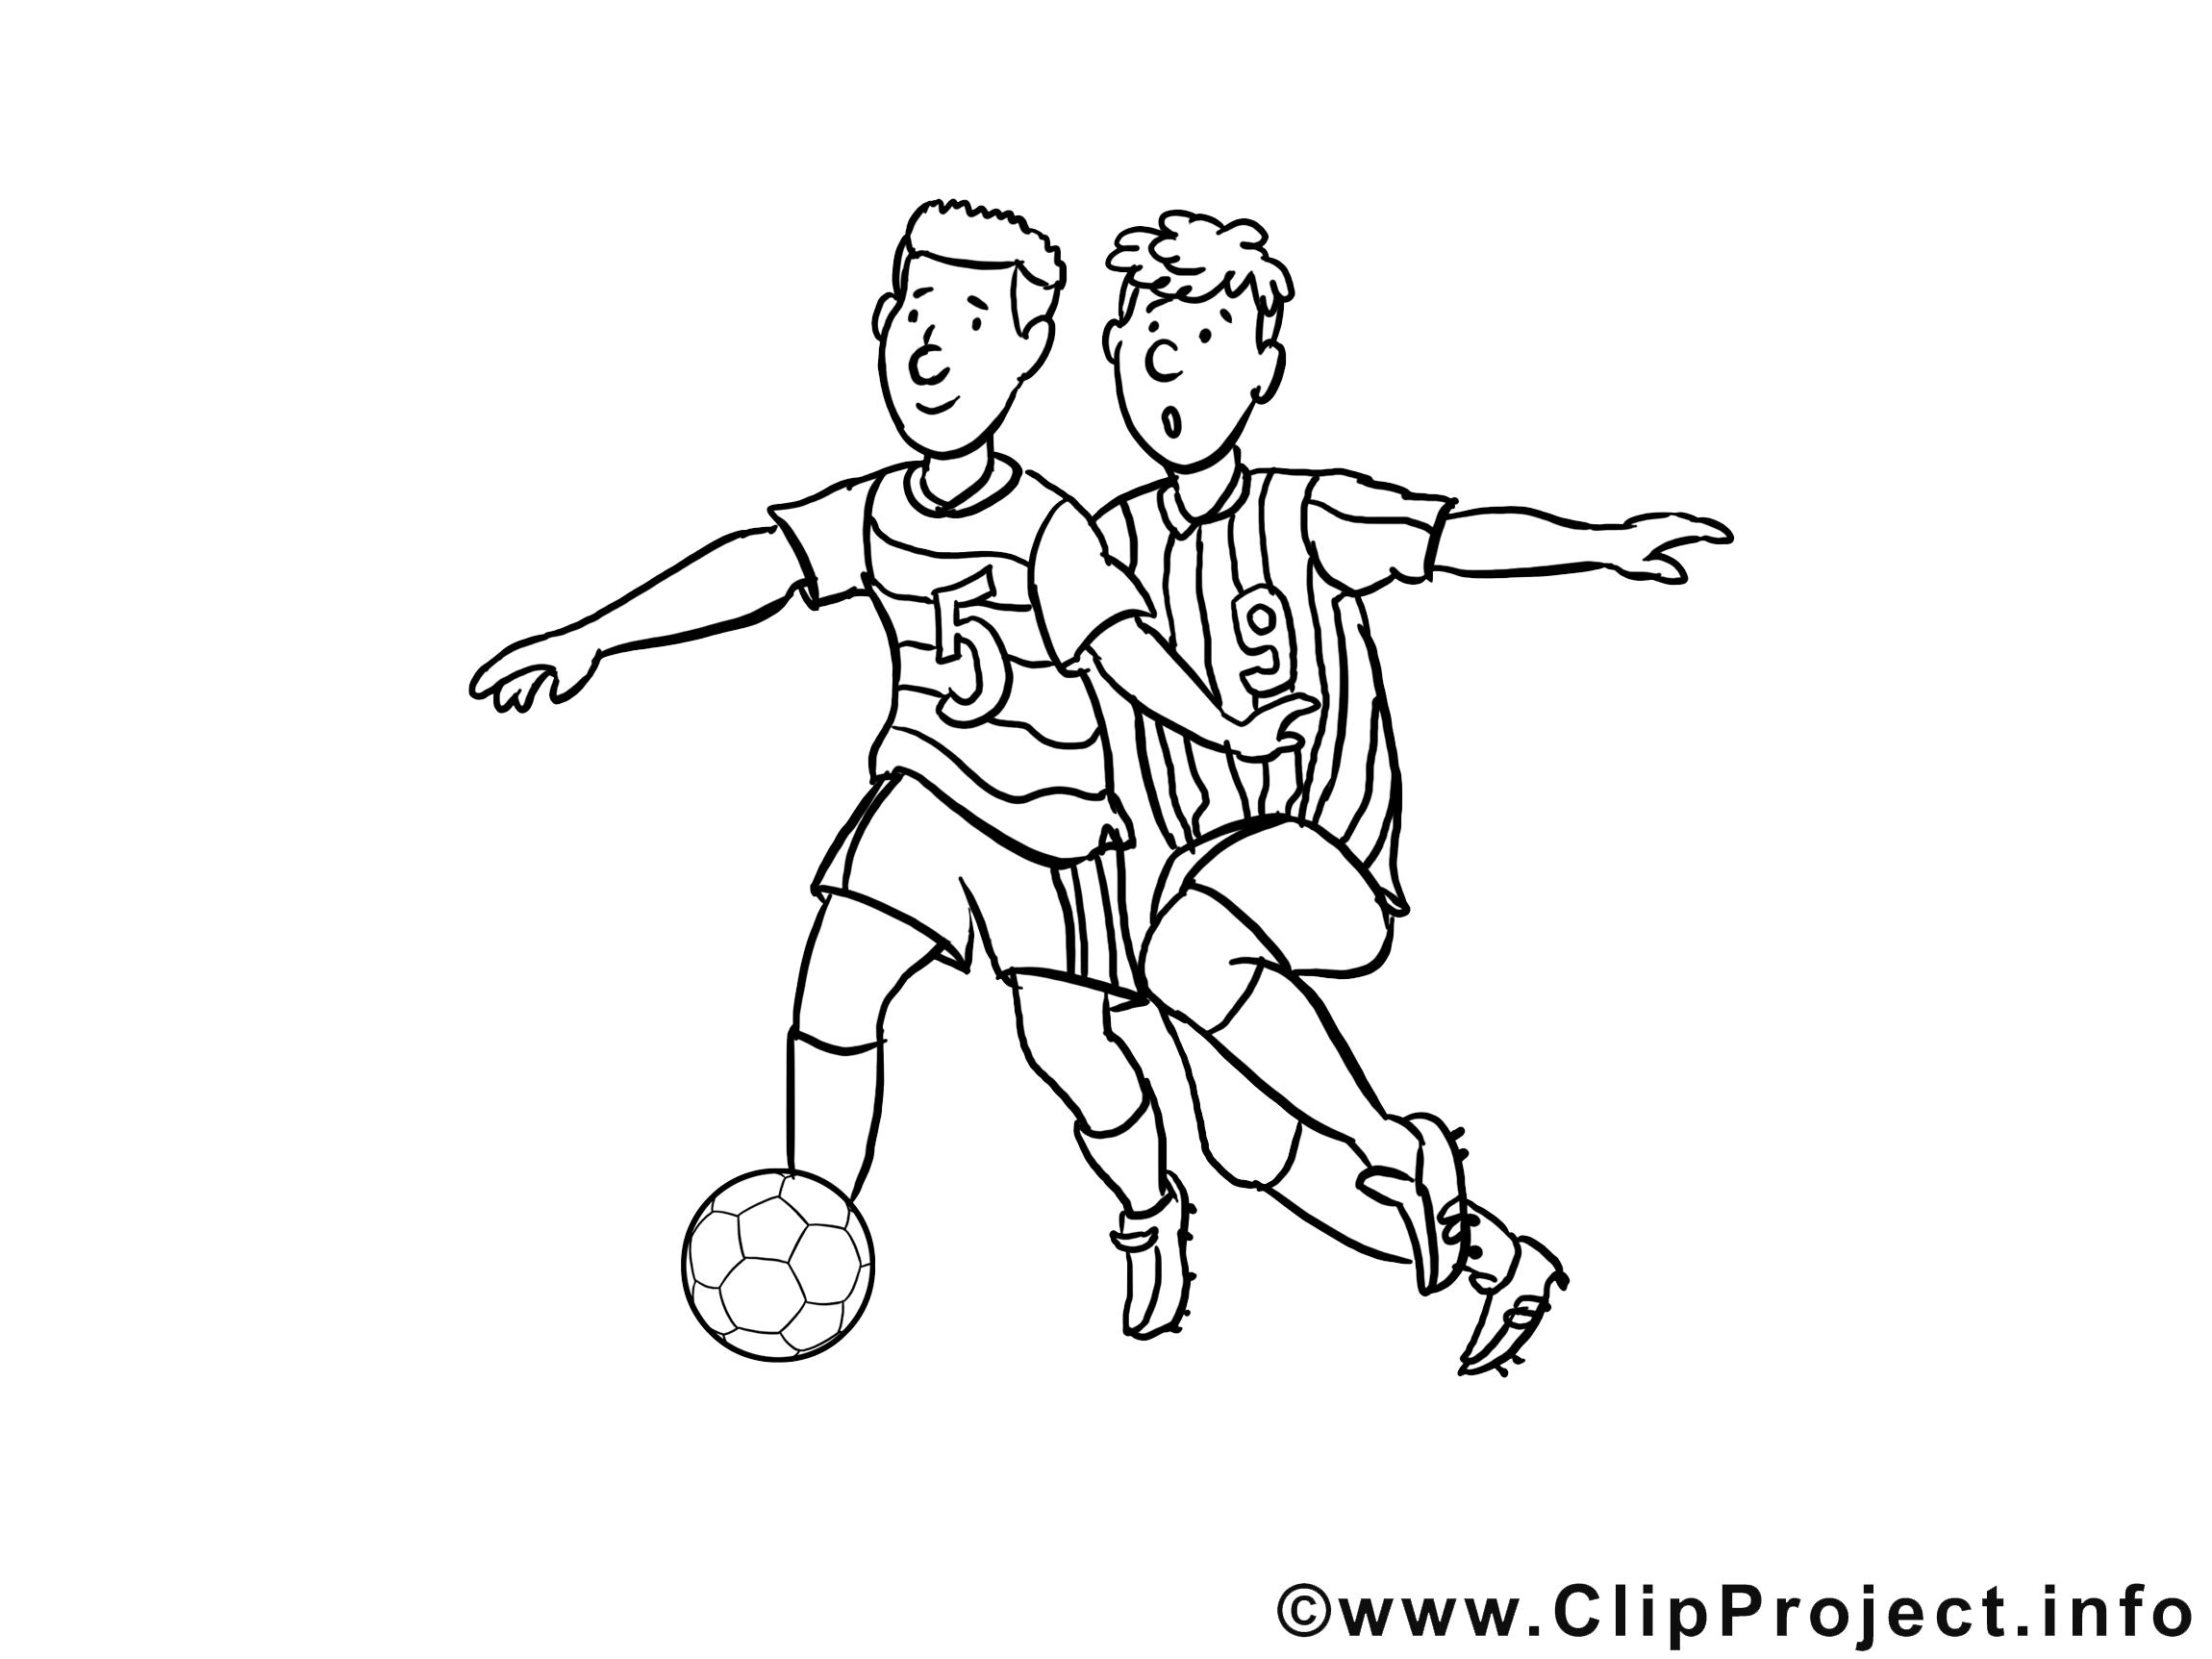 Footballeurs image – Coloriage football illustration